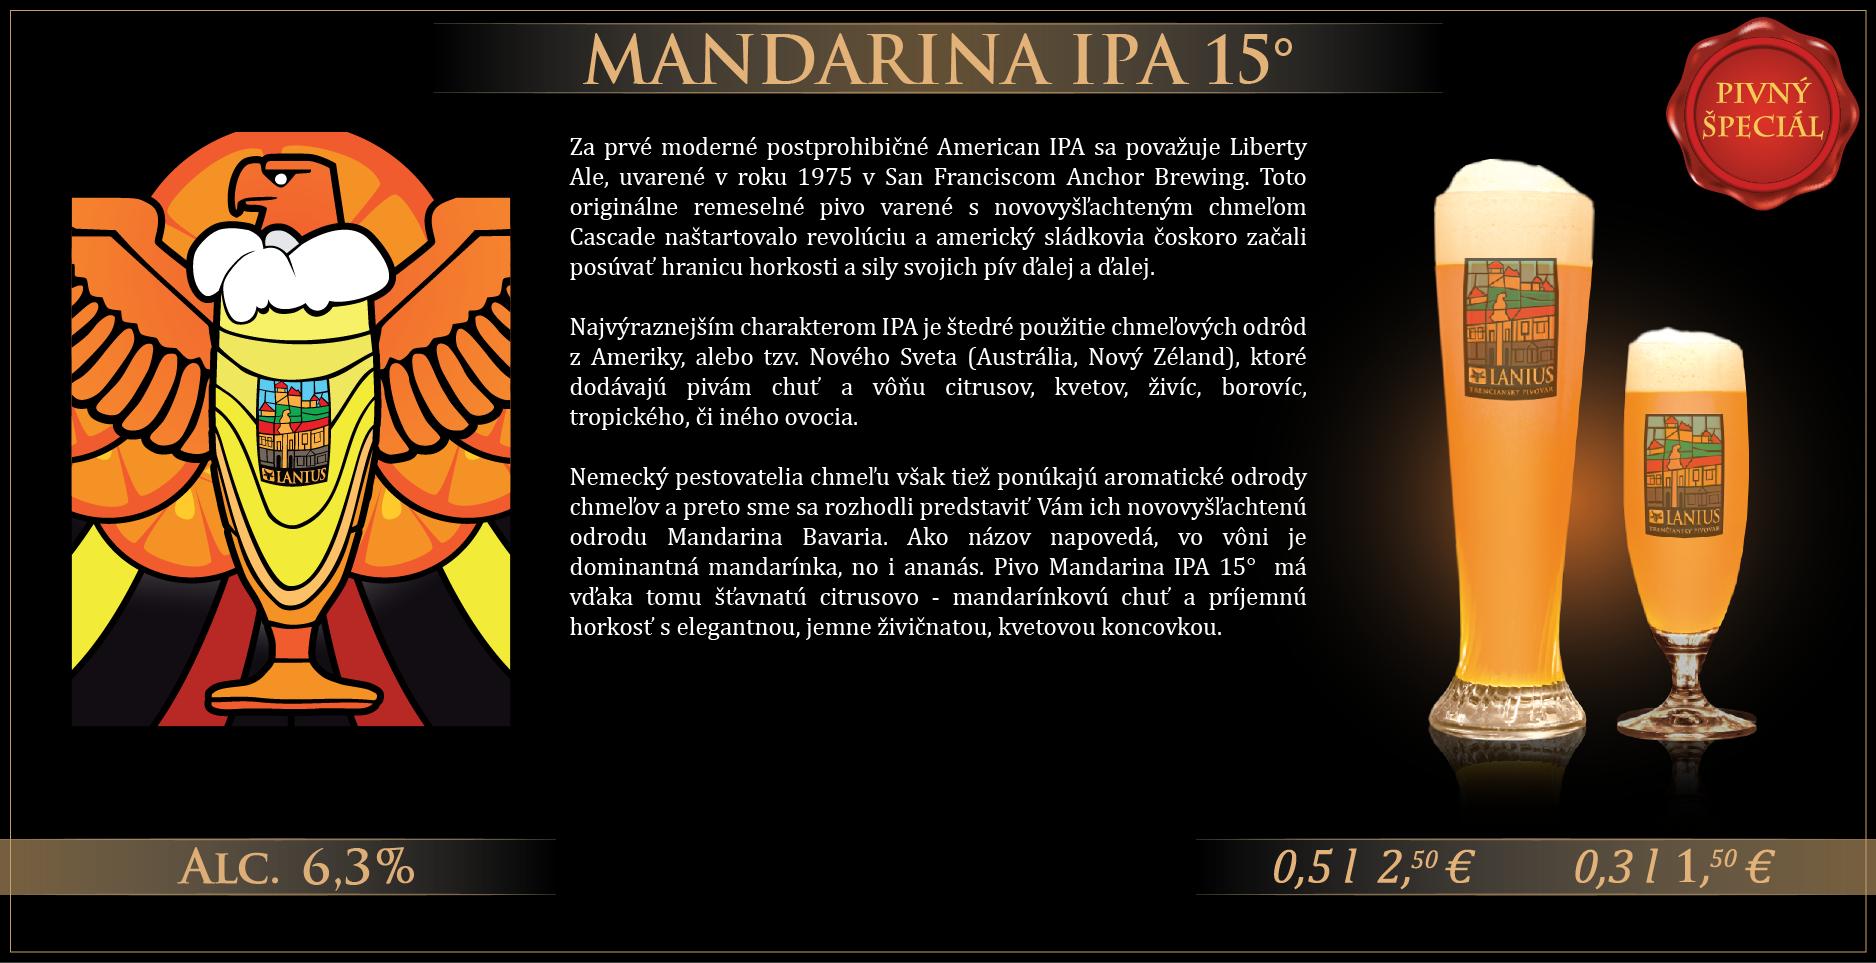 MANDARINA IPA 15 WEB-02